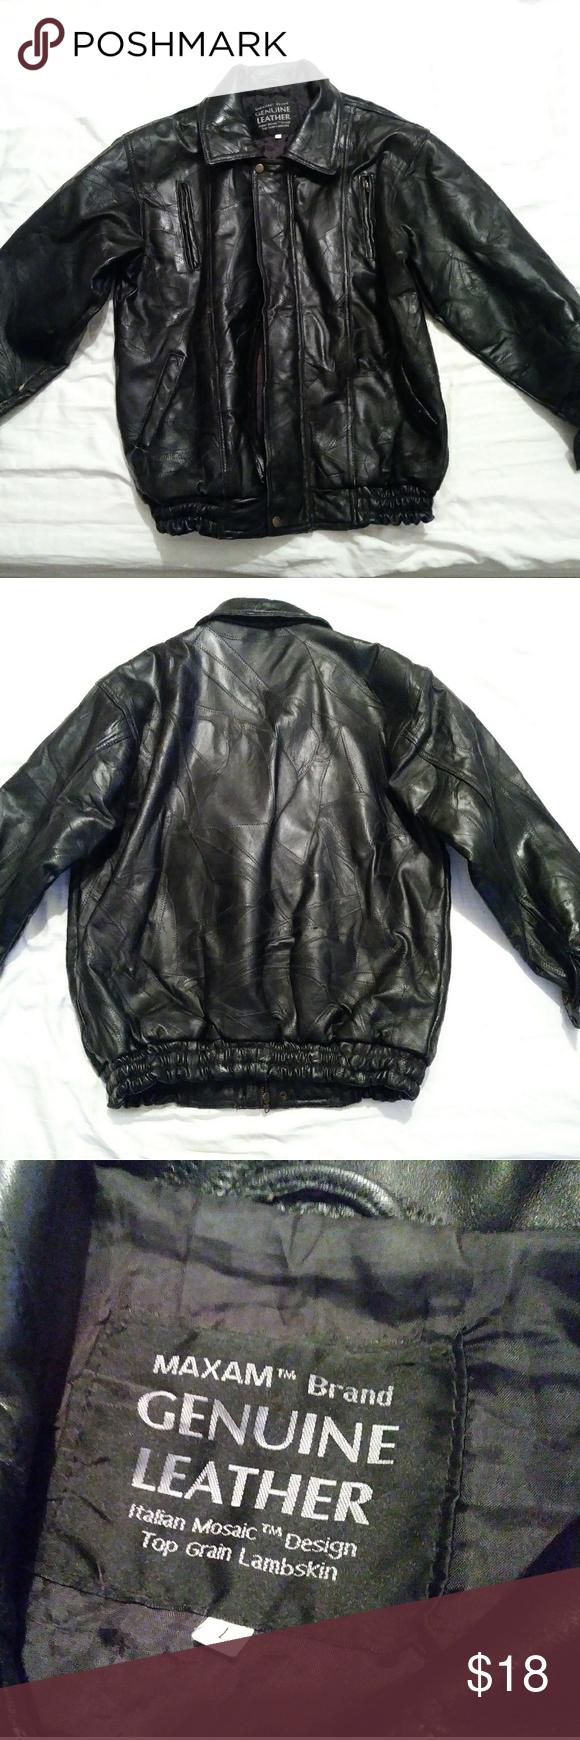 Maxam Genuine Leather black jacket Leather jacket black